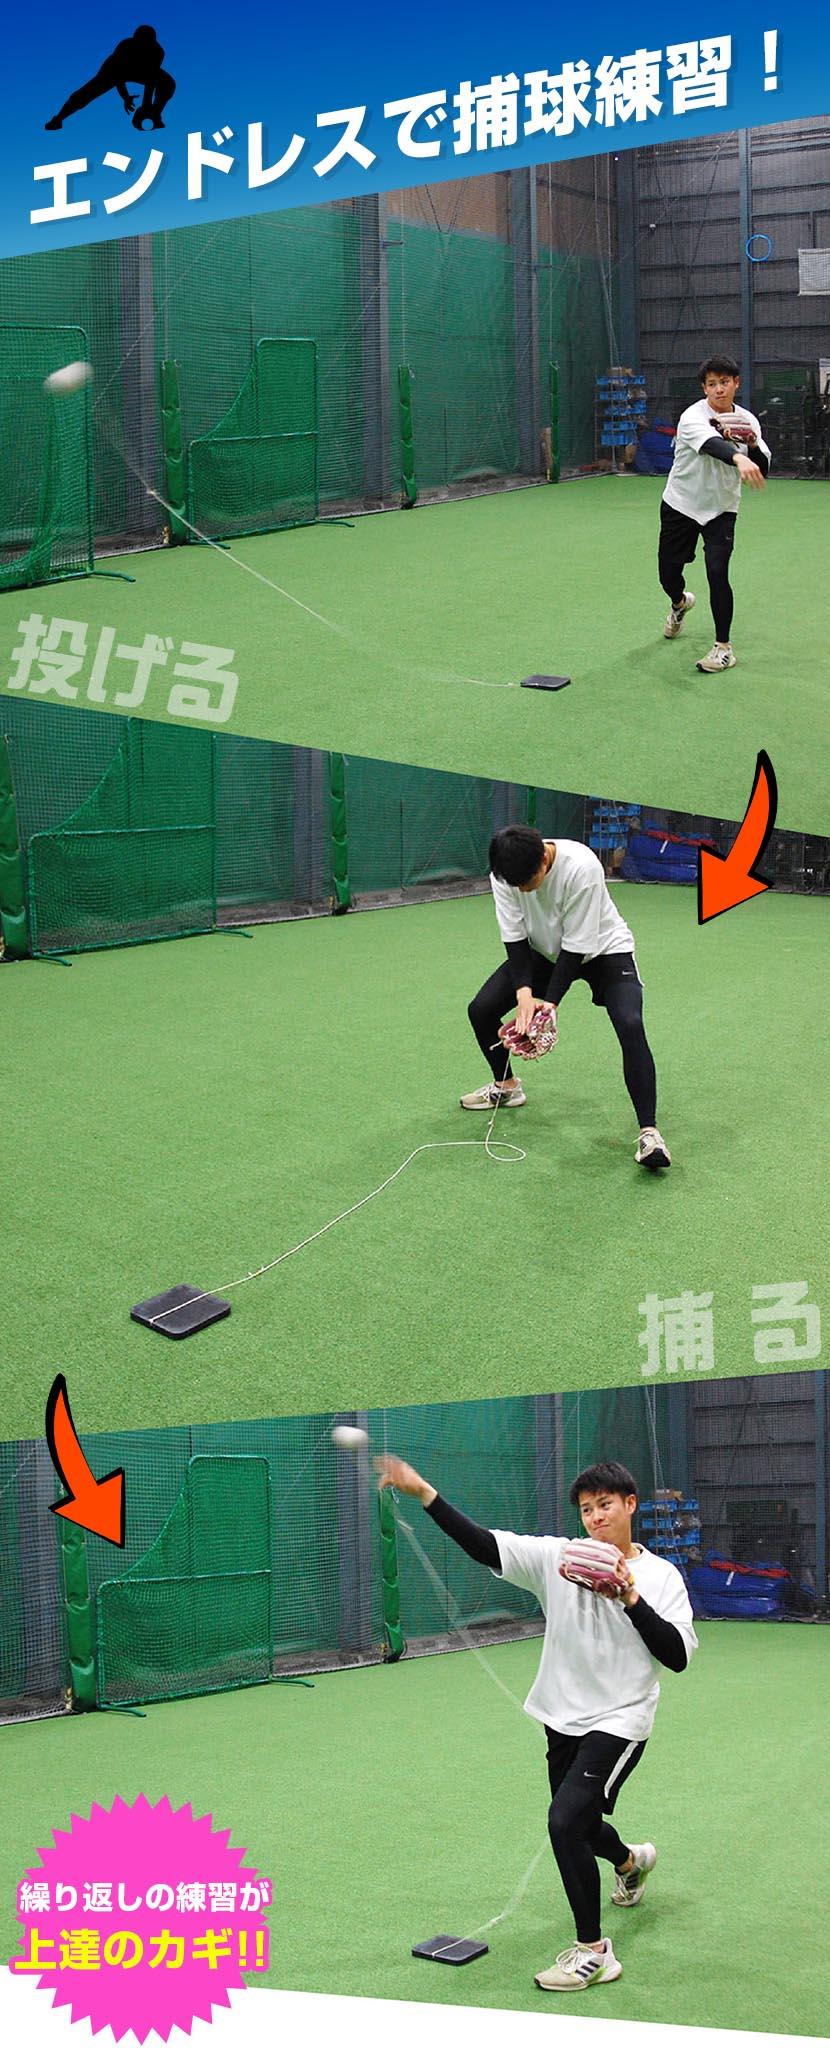 エンドレスで捕球練習